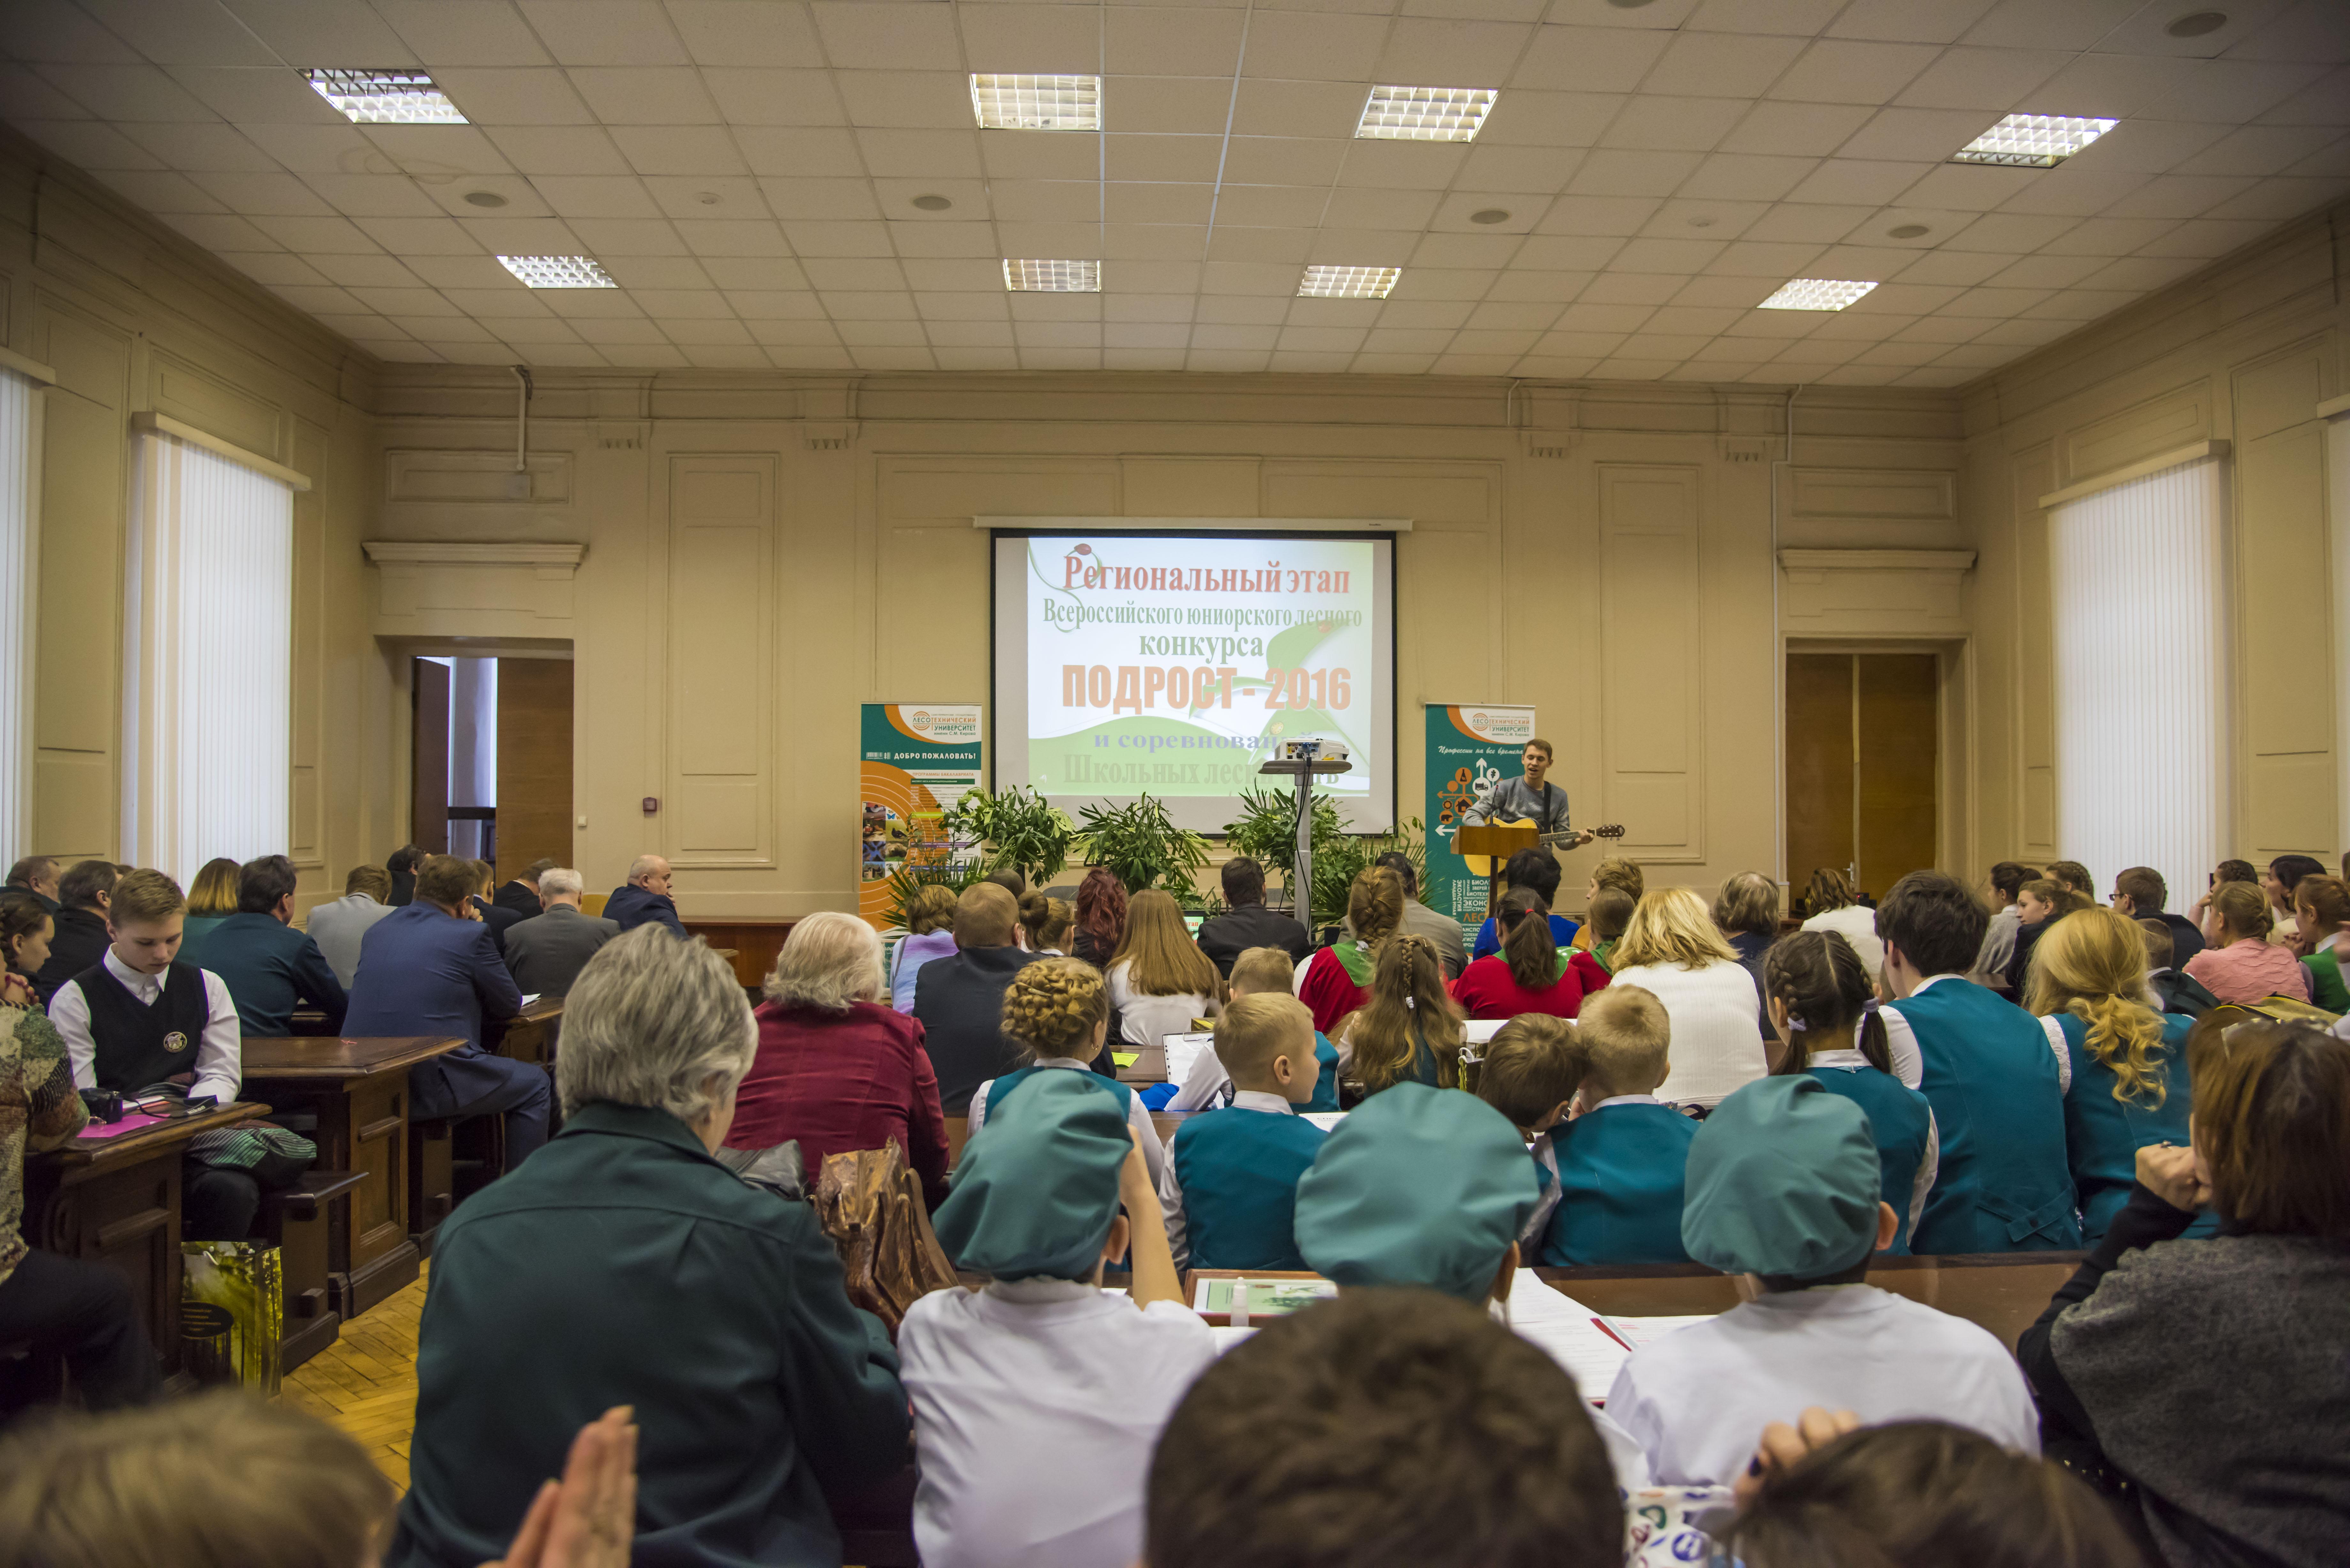 ИНФОРМАЦИЯ о проведении регионального этапа Всероссийского юниорского лесного конкурса «Подрост»